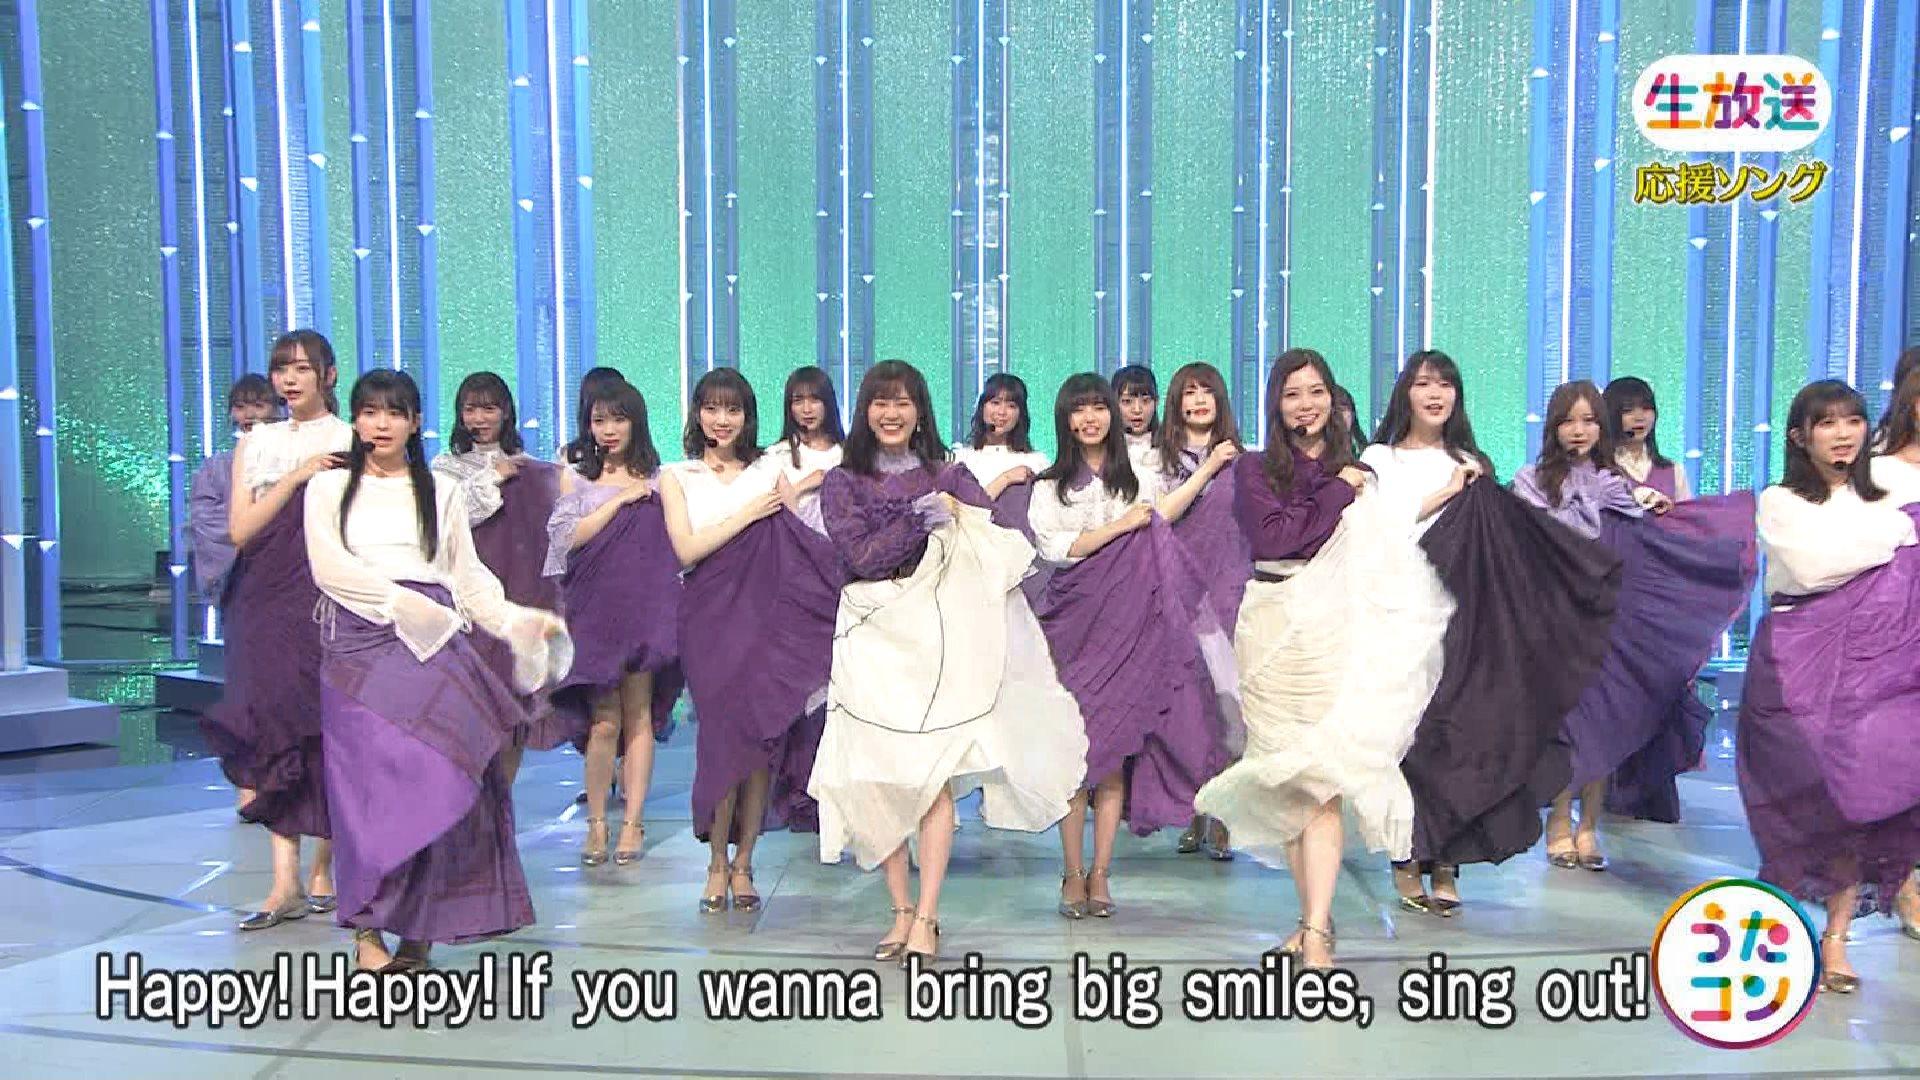 【うたコン】乃木坂46『Sing Out!』真夏さん足出しすぎw